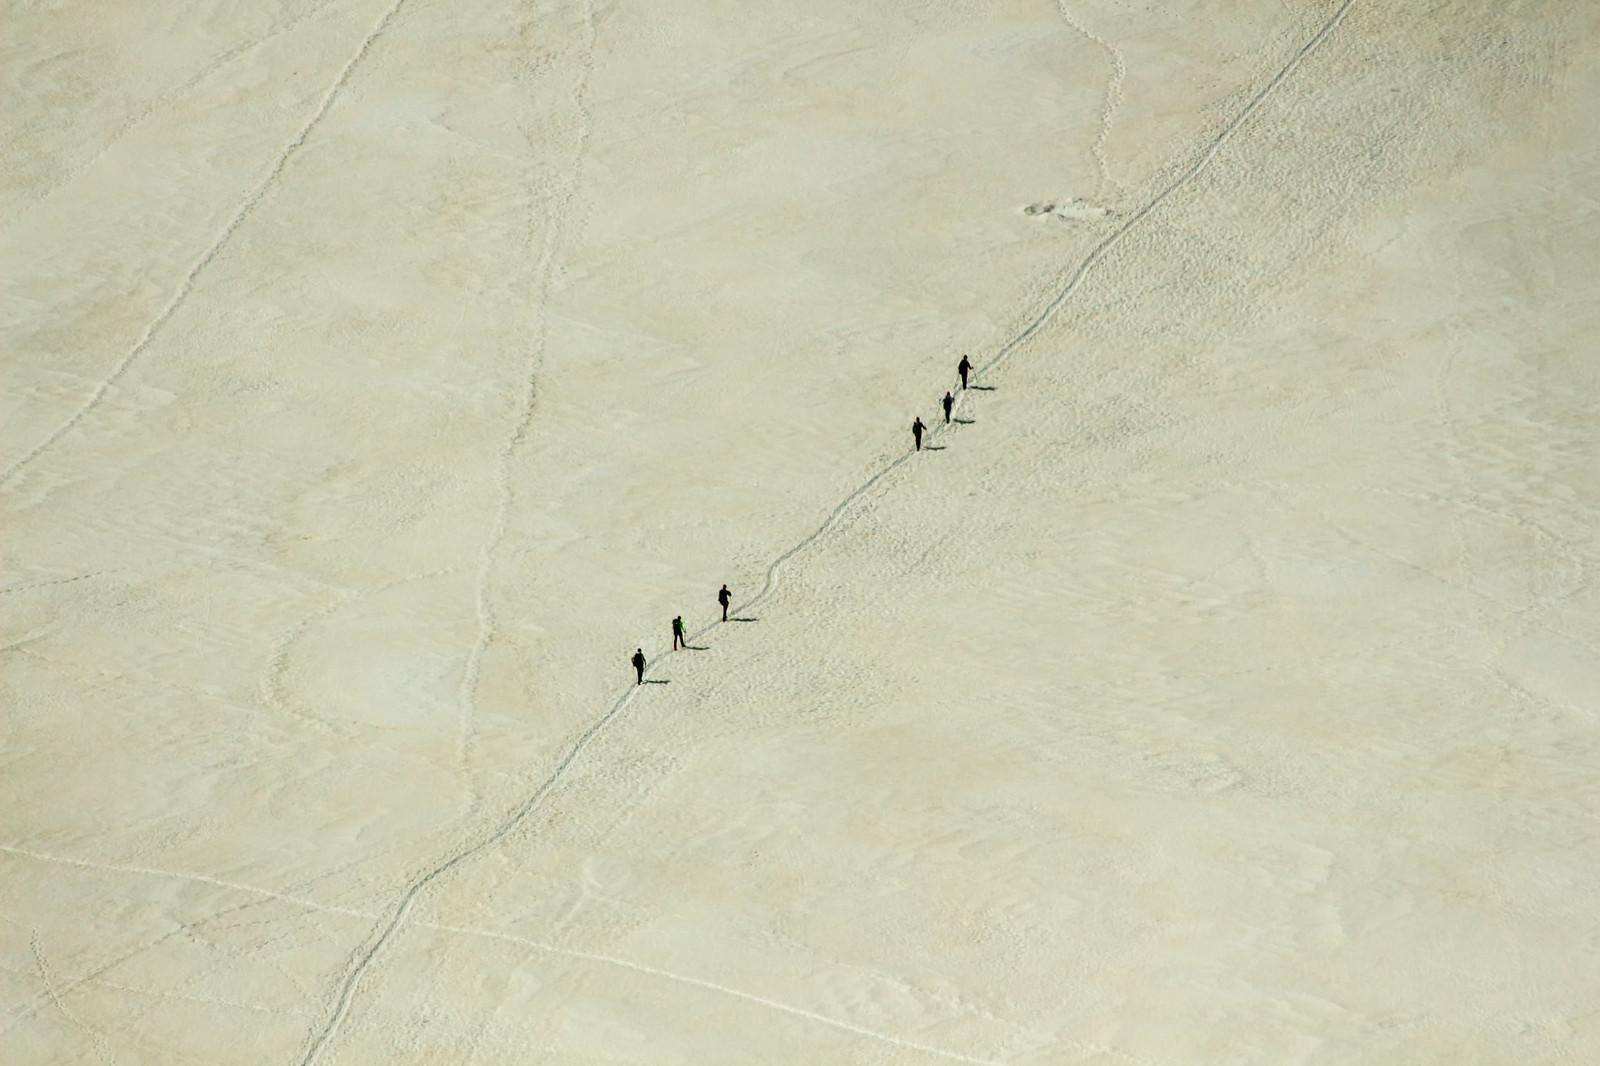 Шамони Мон-Блан - Вот они, муравьишки, идут на вершину